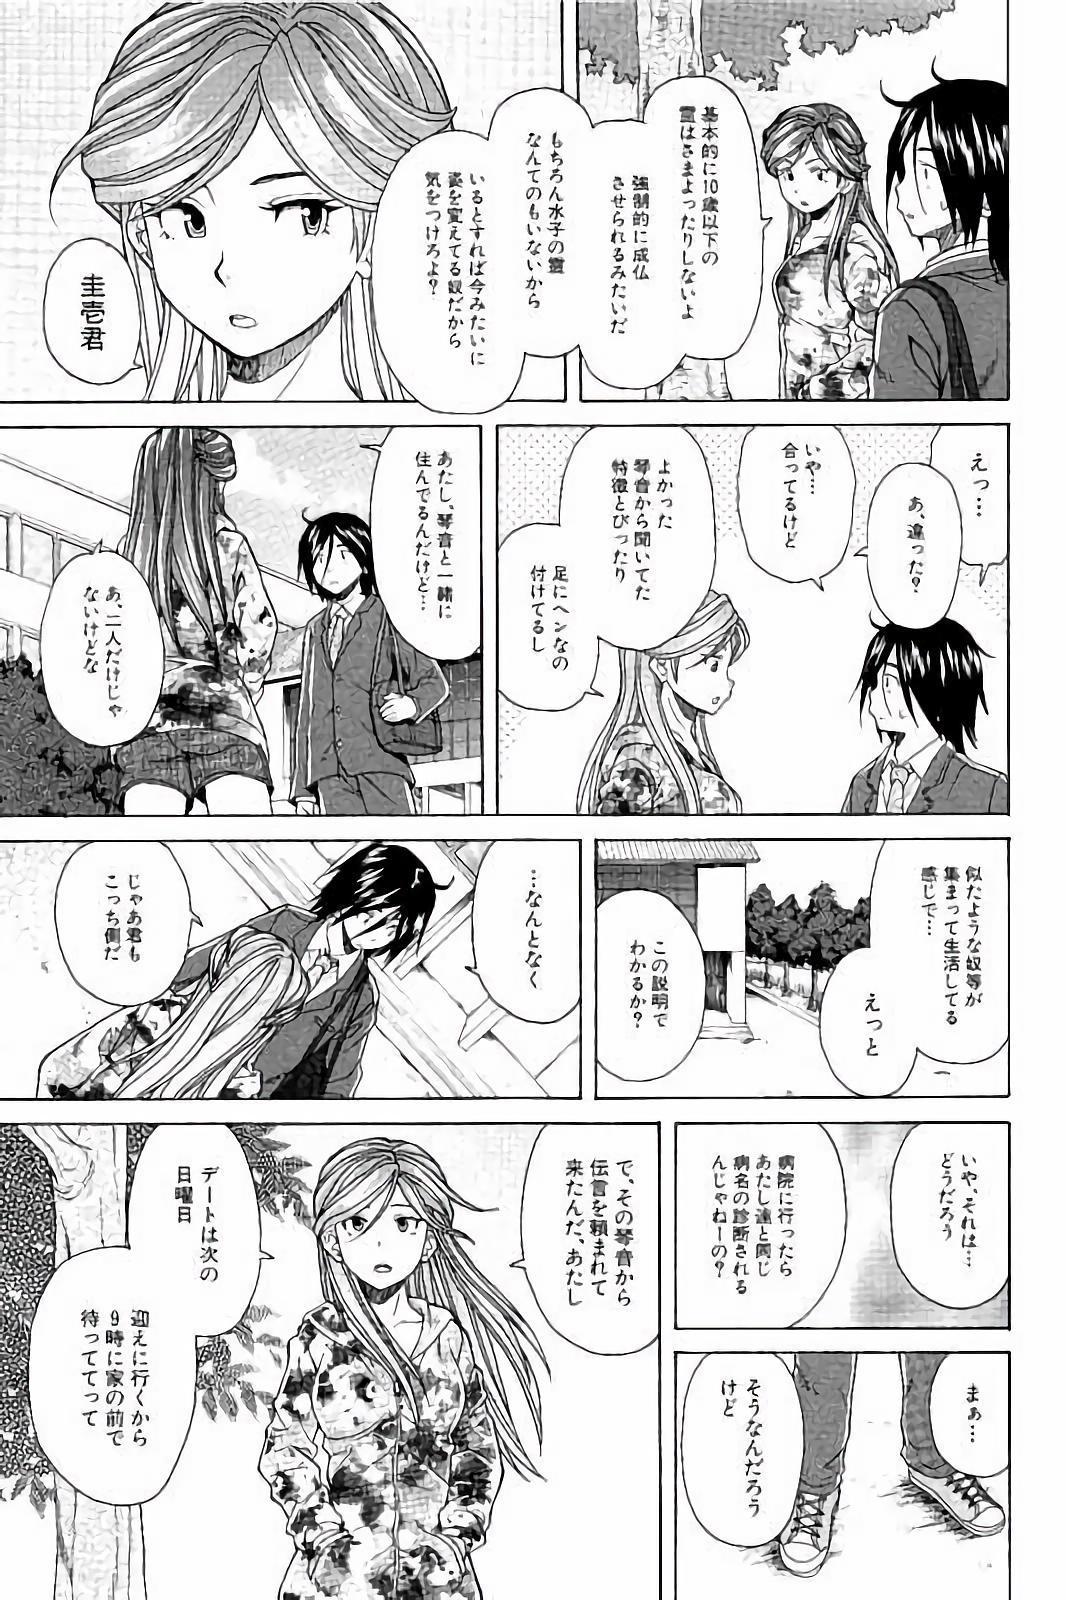 Ane no Himitsu To Boku no Jisatsu 66